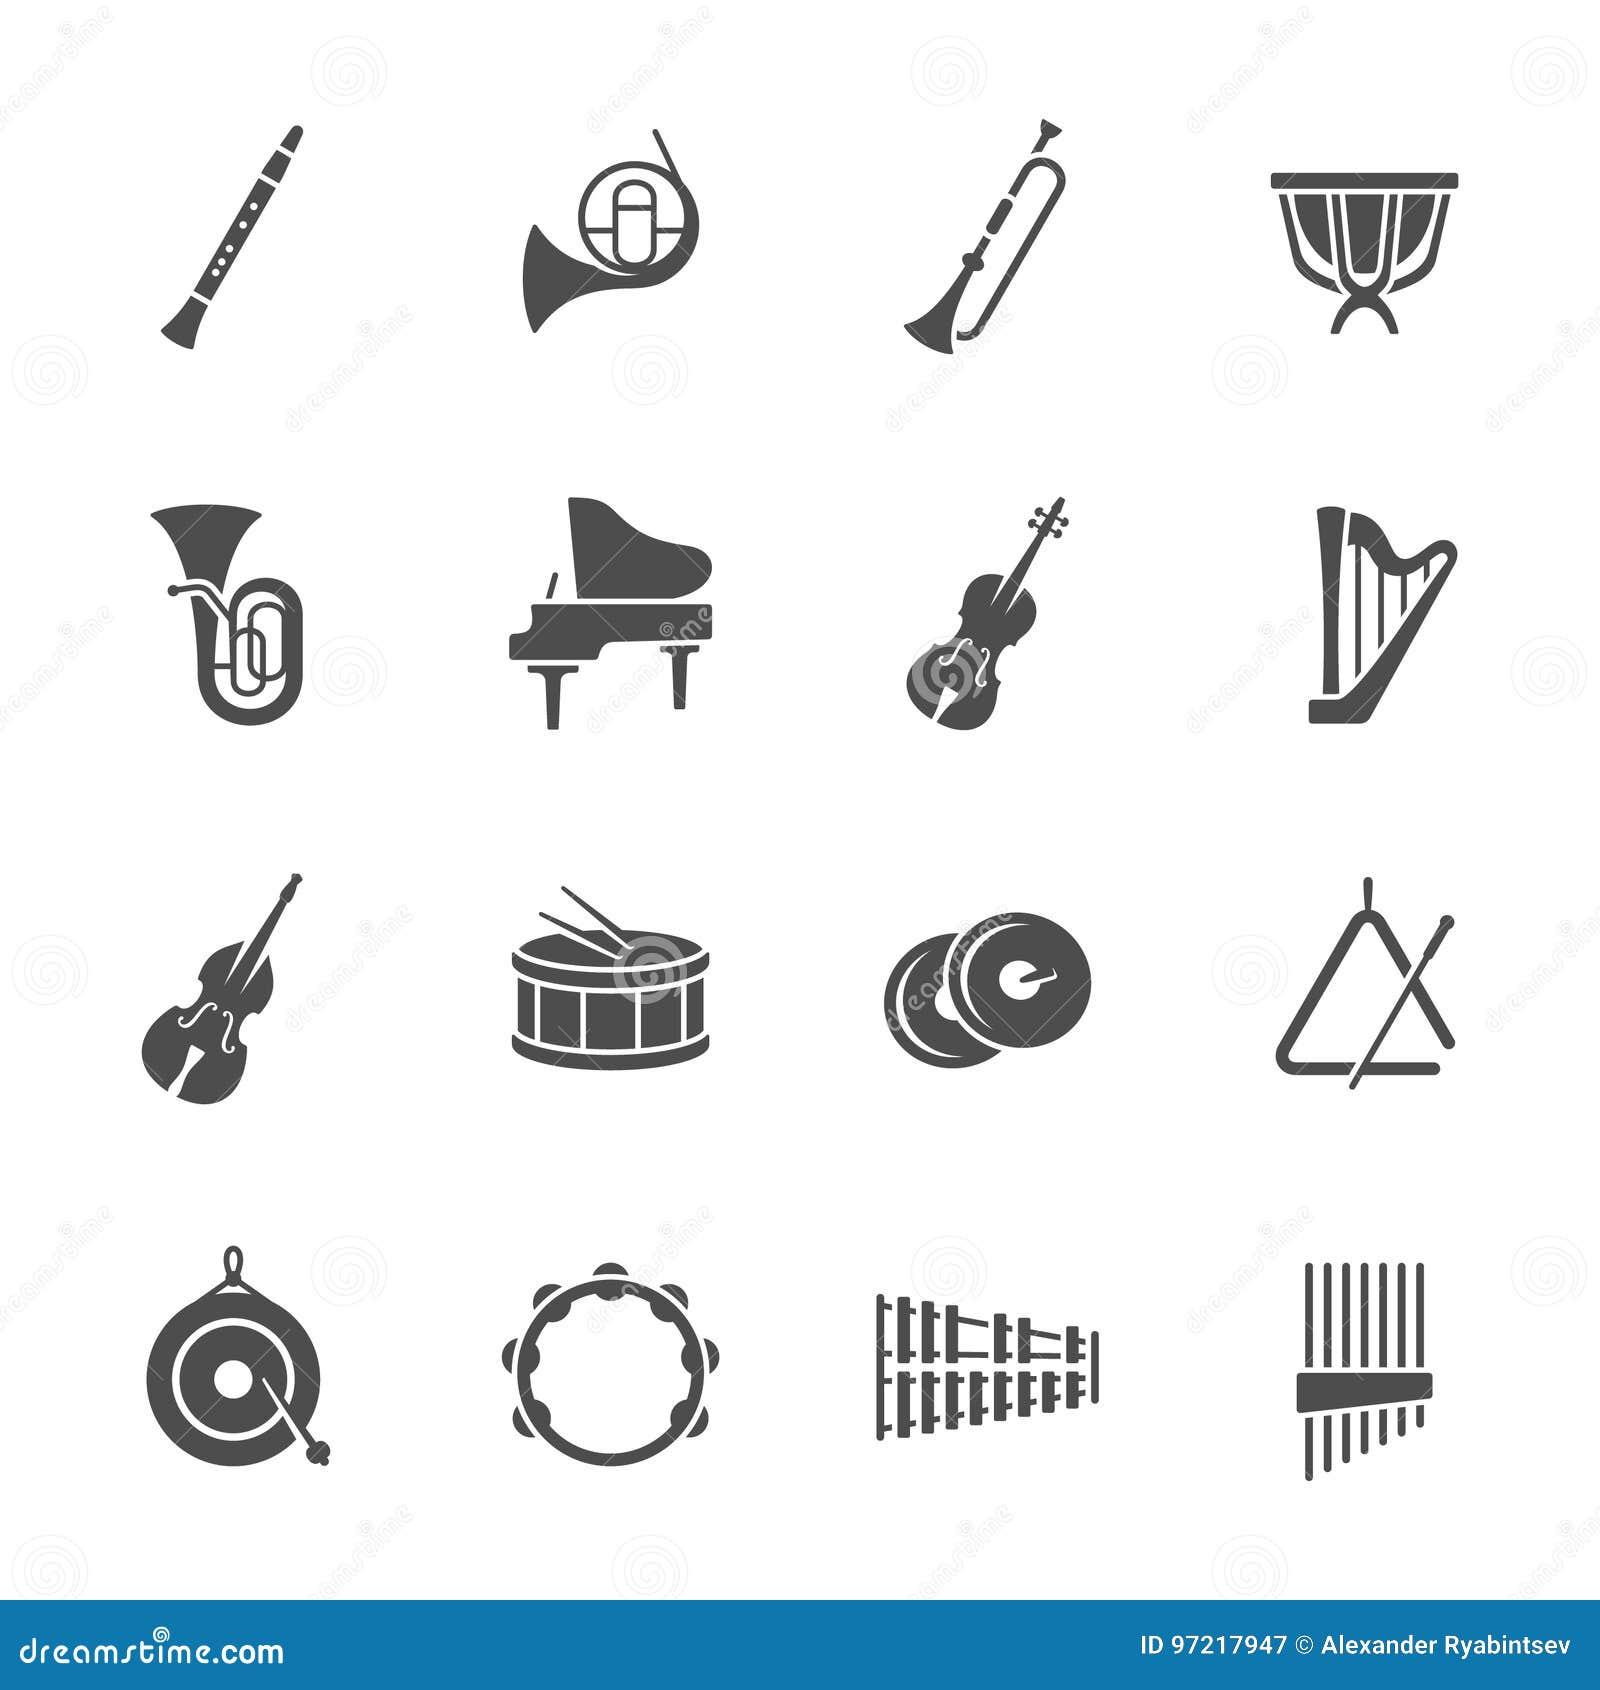 Orchesterinstrumentikonen